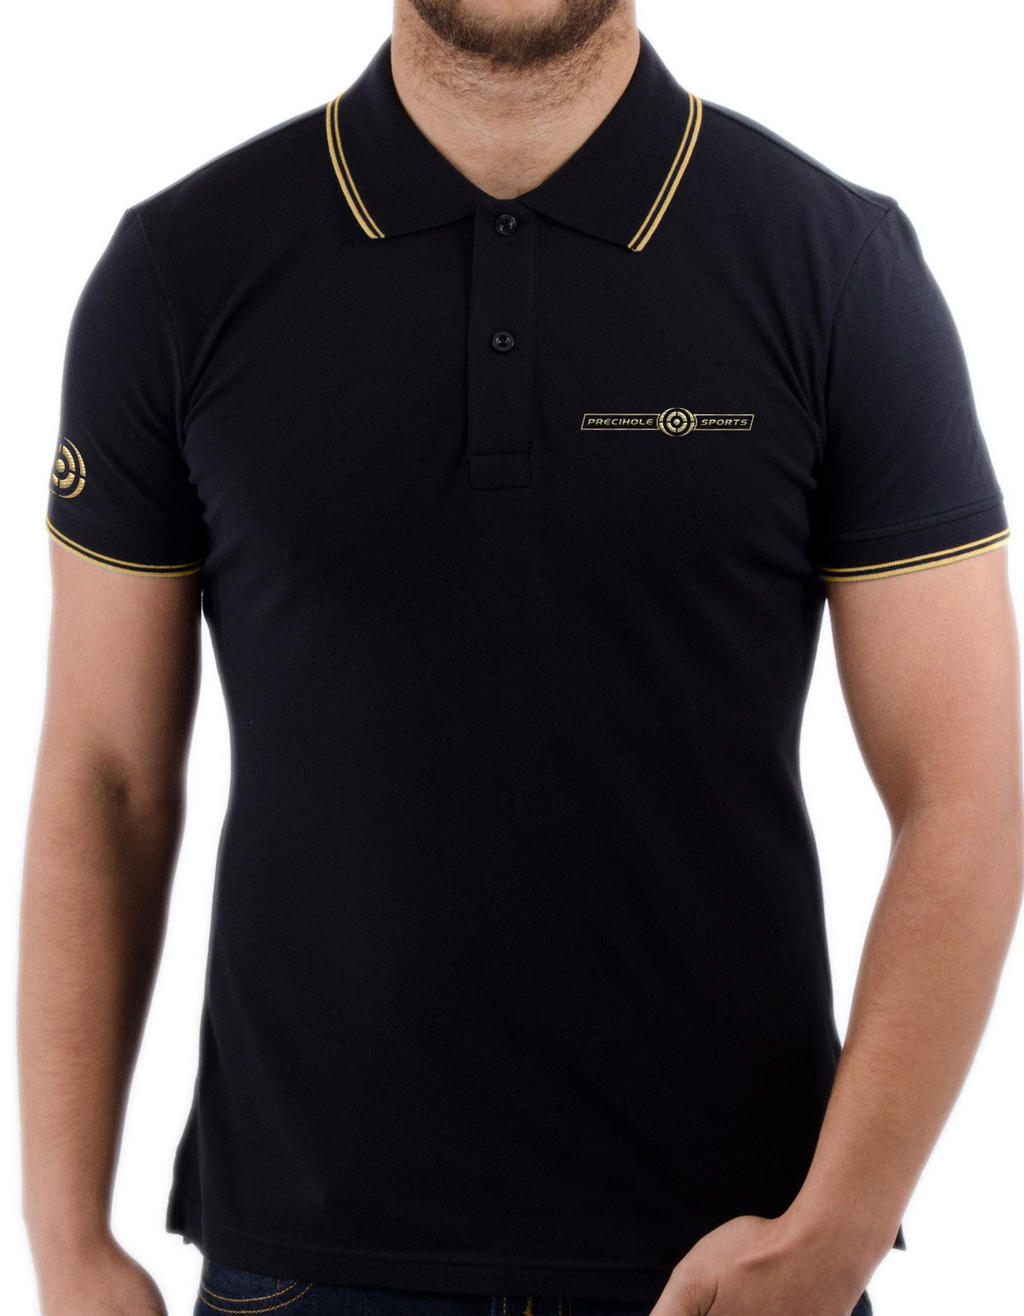 Black t shirt sports -  Precihole Sports T Shirt Design By Gufranshaikh